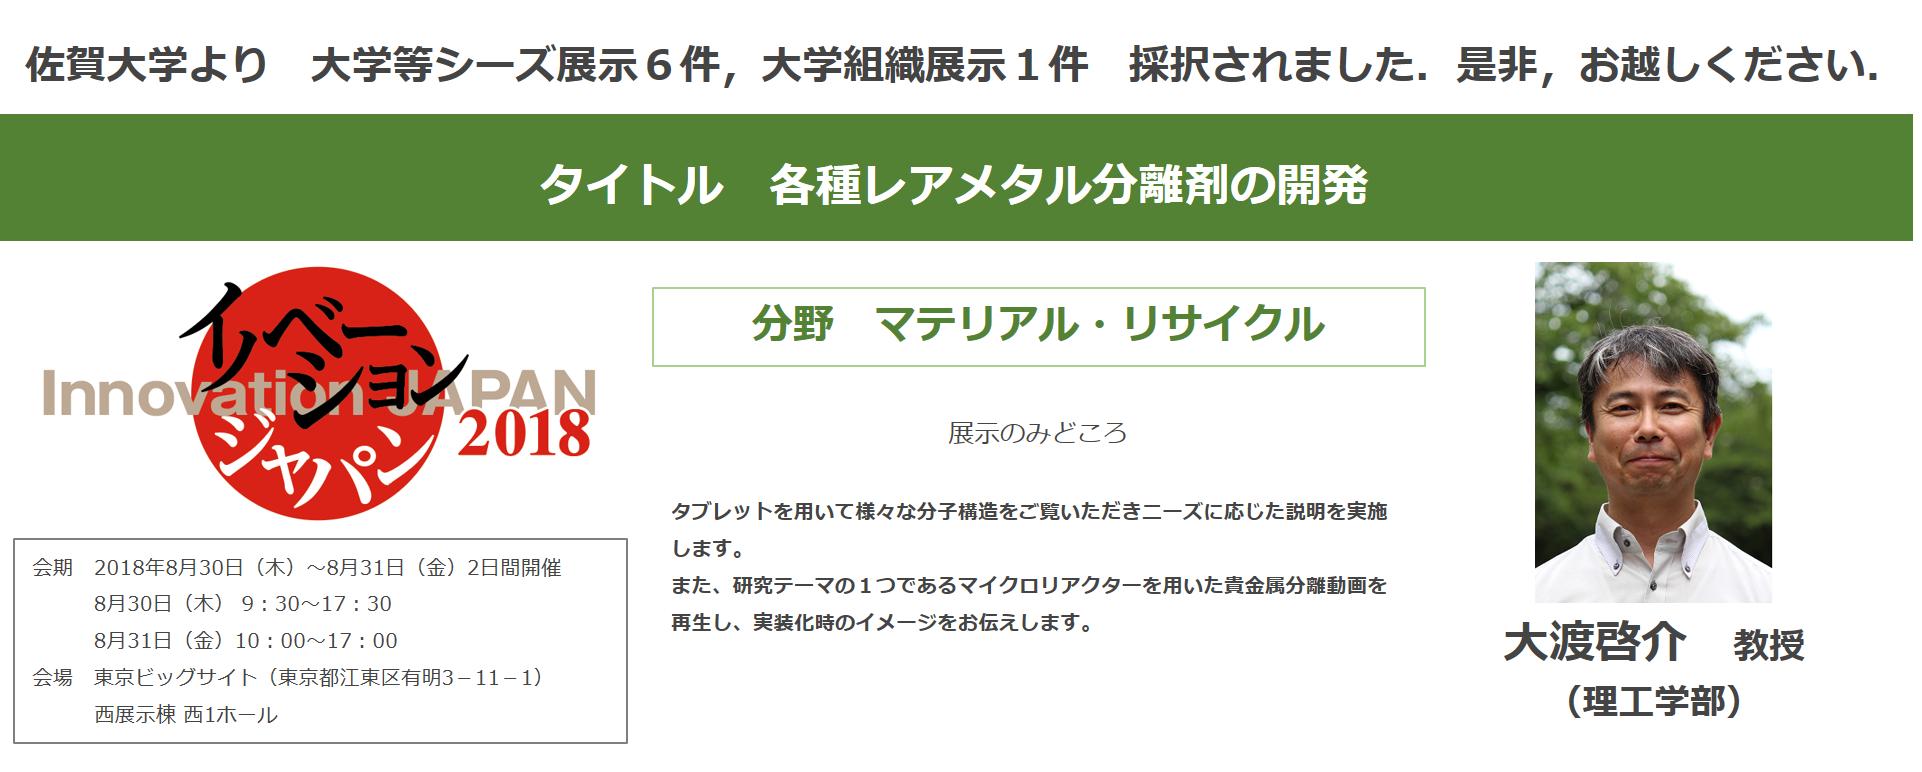 イノベーションジャパン(大渡先生)